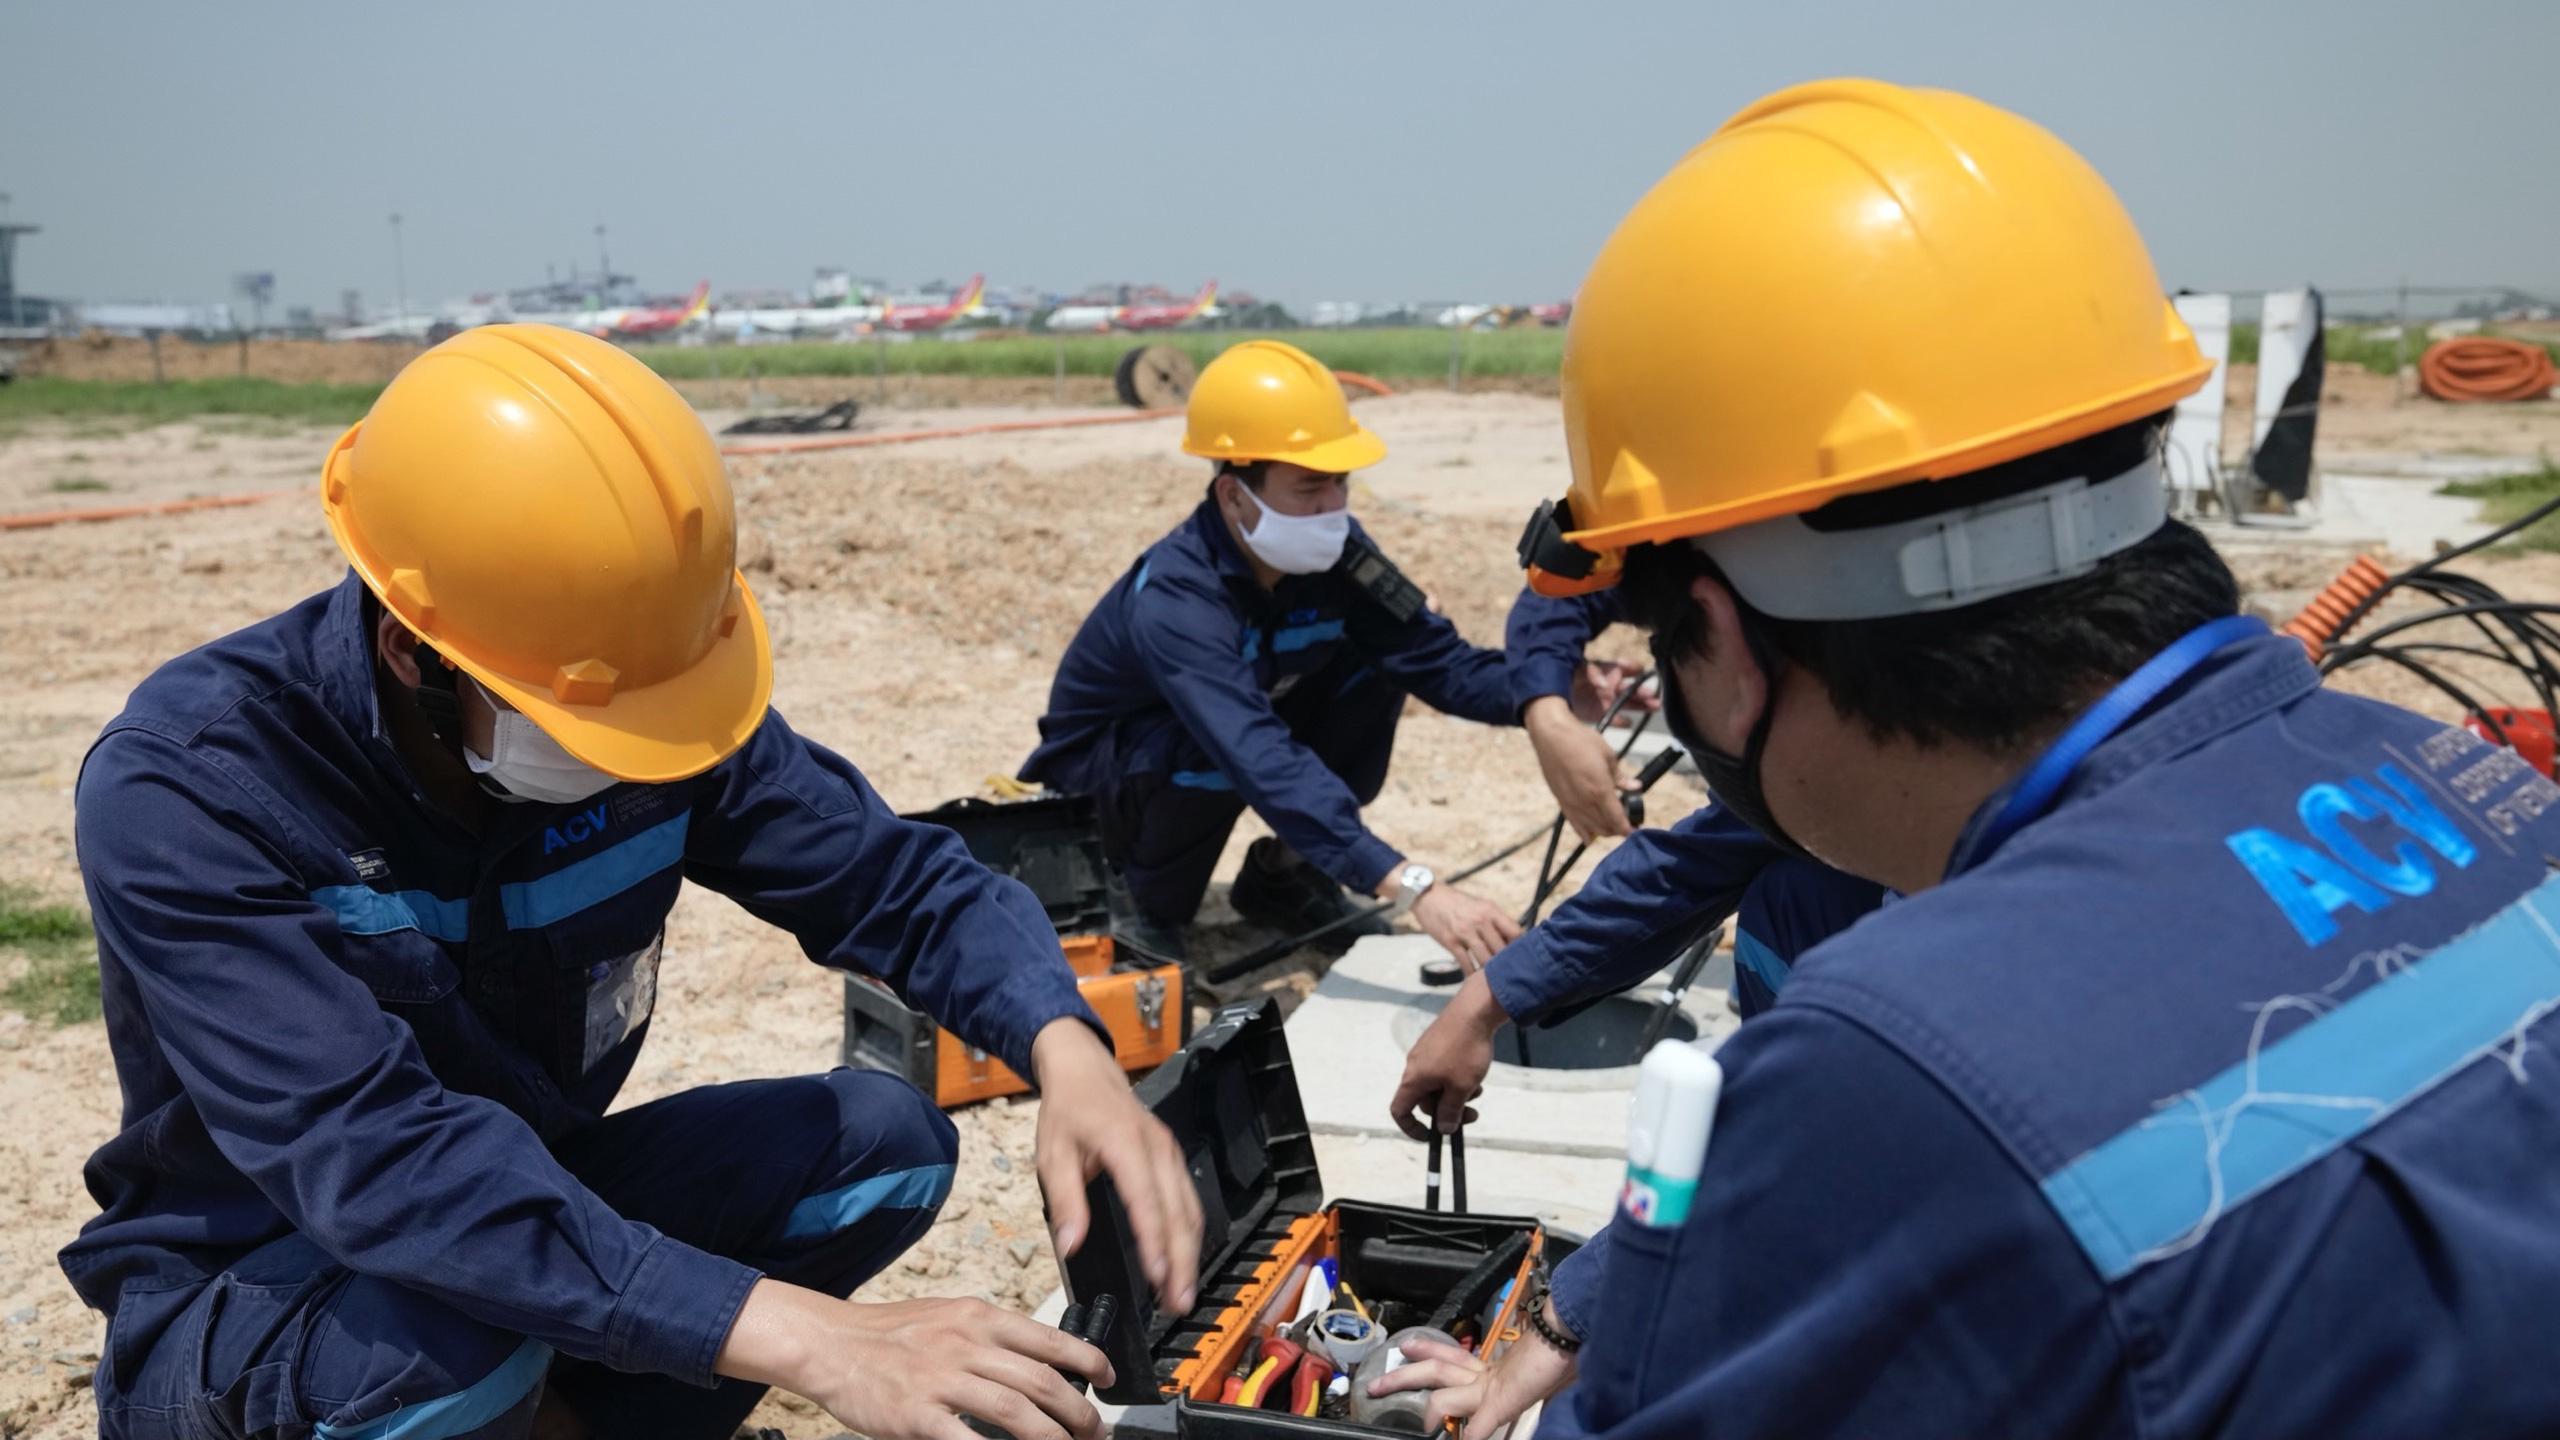 Nhân viên hàng không đẫm mồ hôi trên nền bê tông nóng bỏng 56 độ C - Ảnh 11.